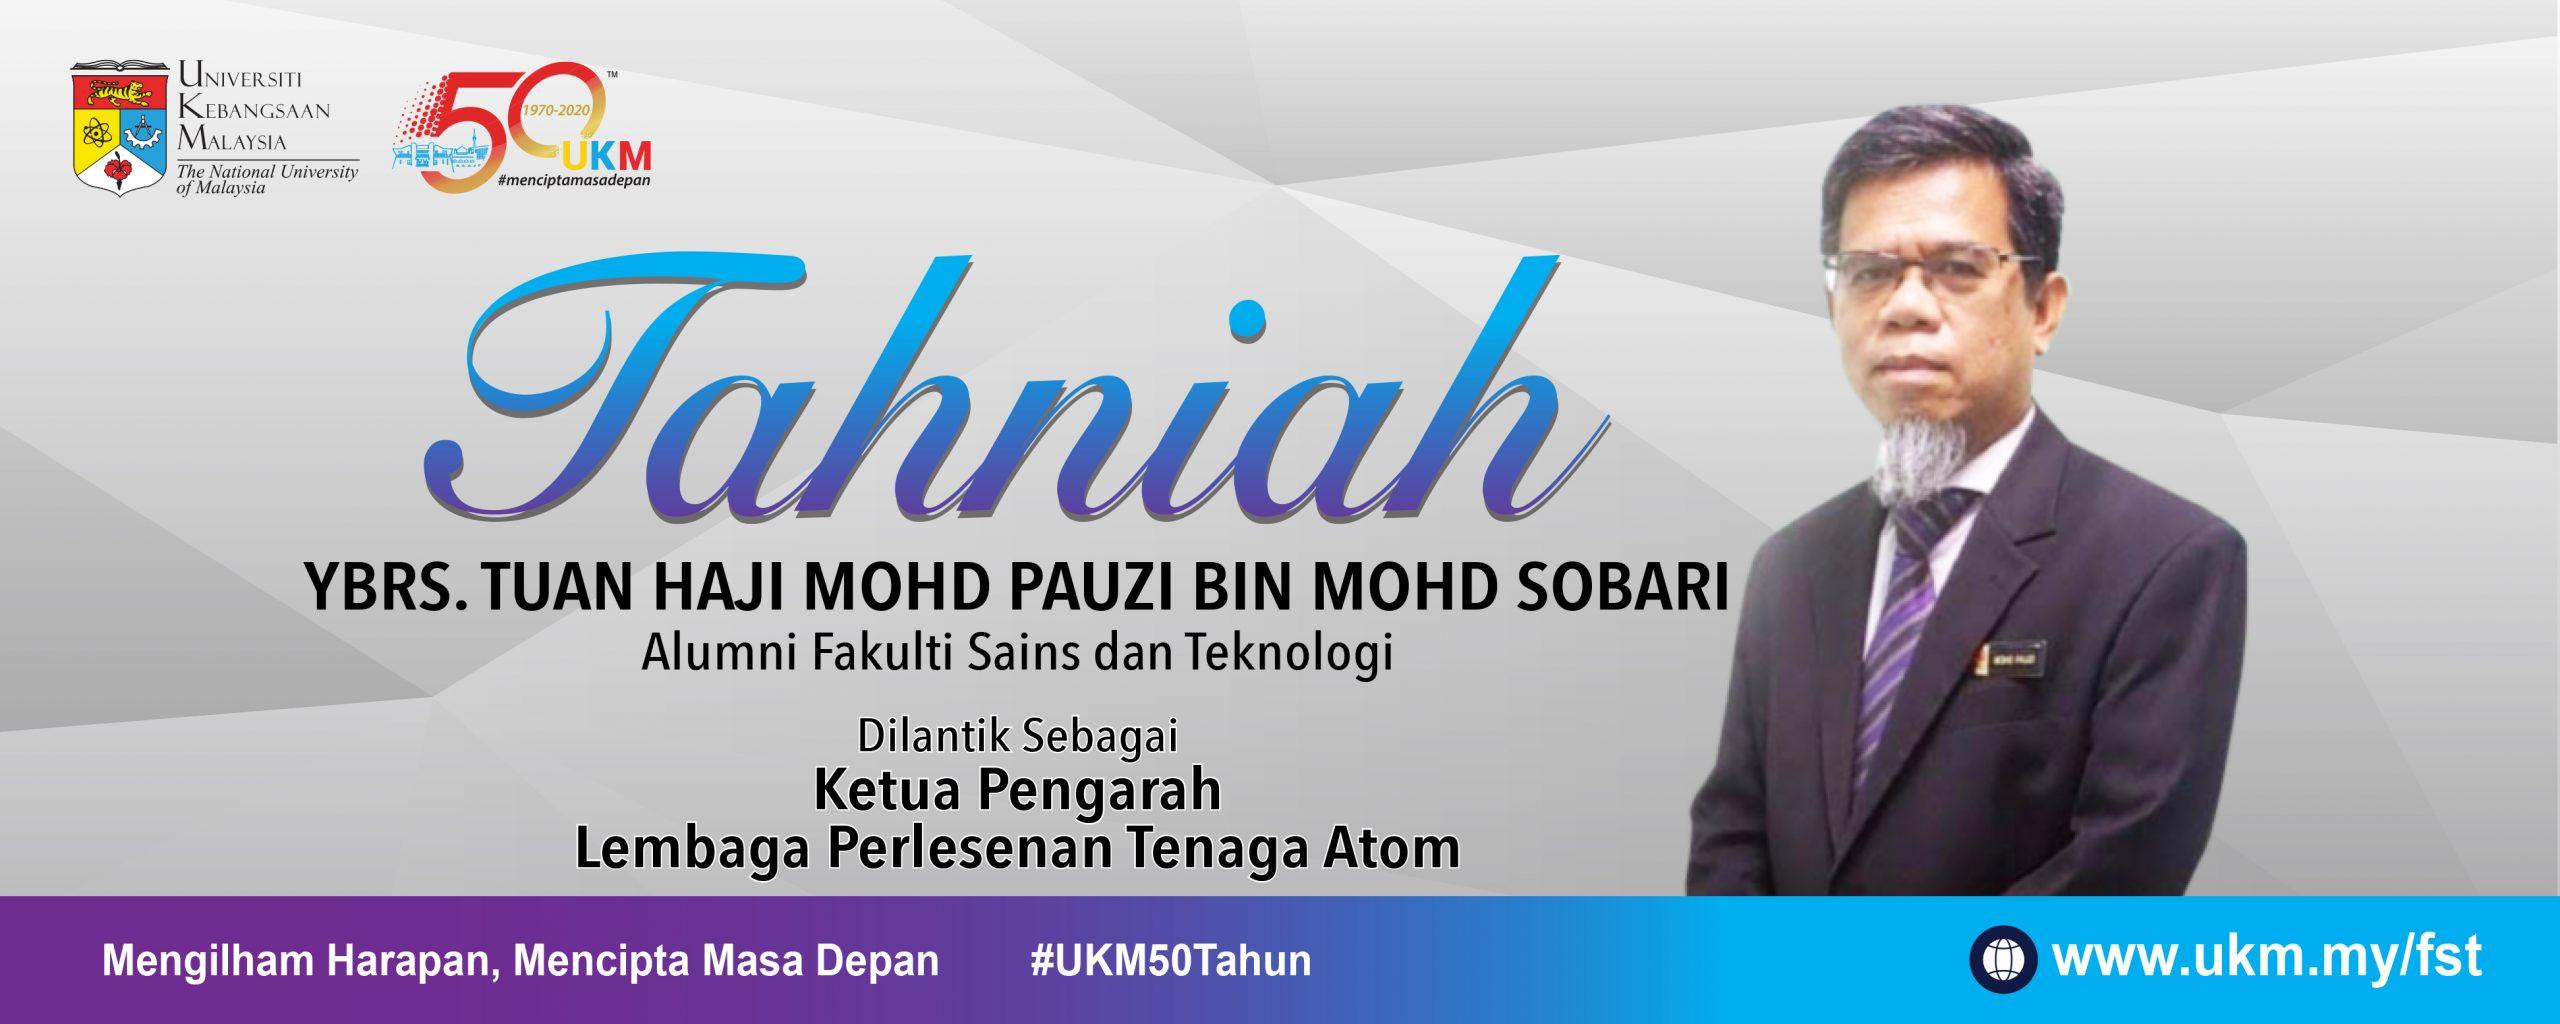 Tahniah Tuan Haji Pauzi